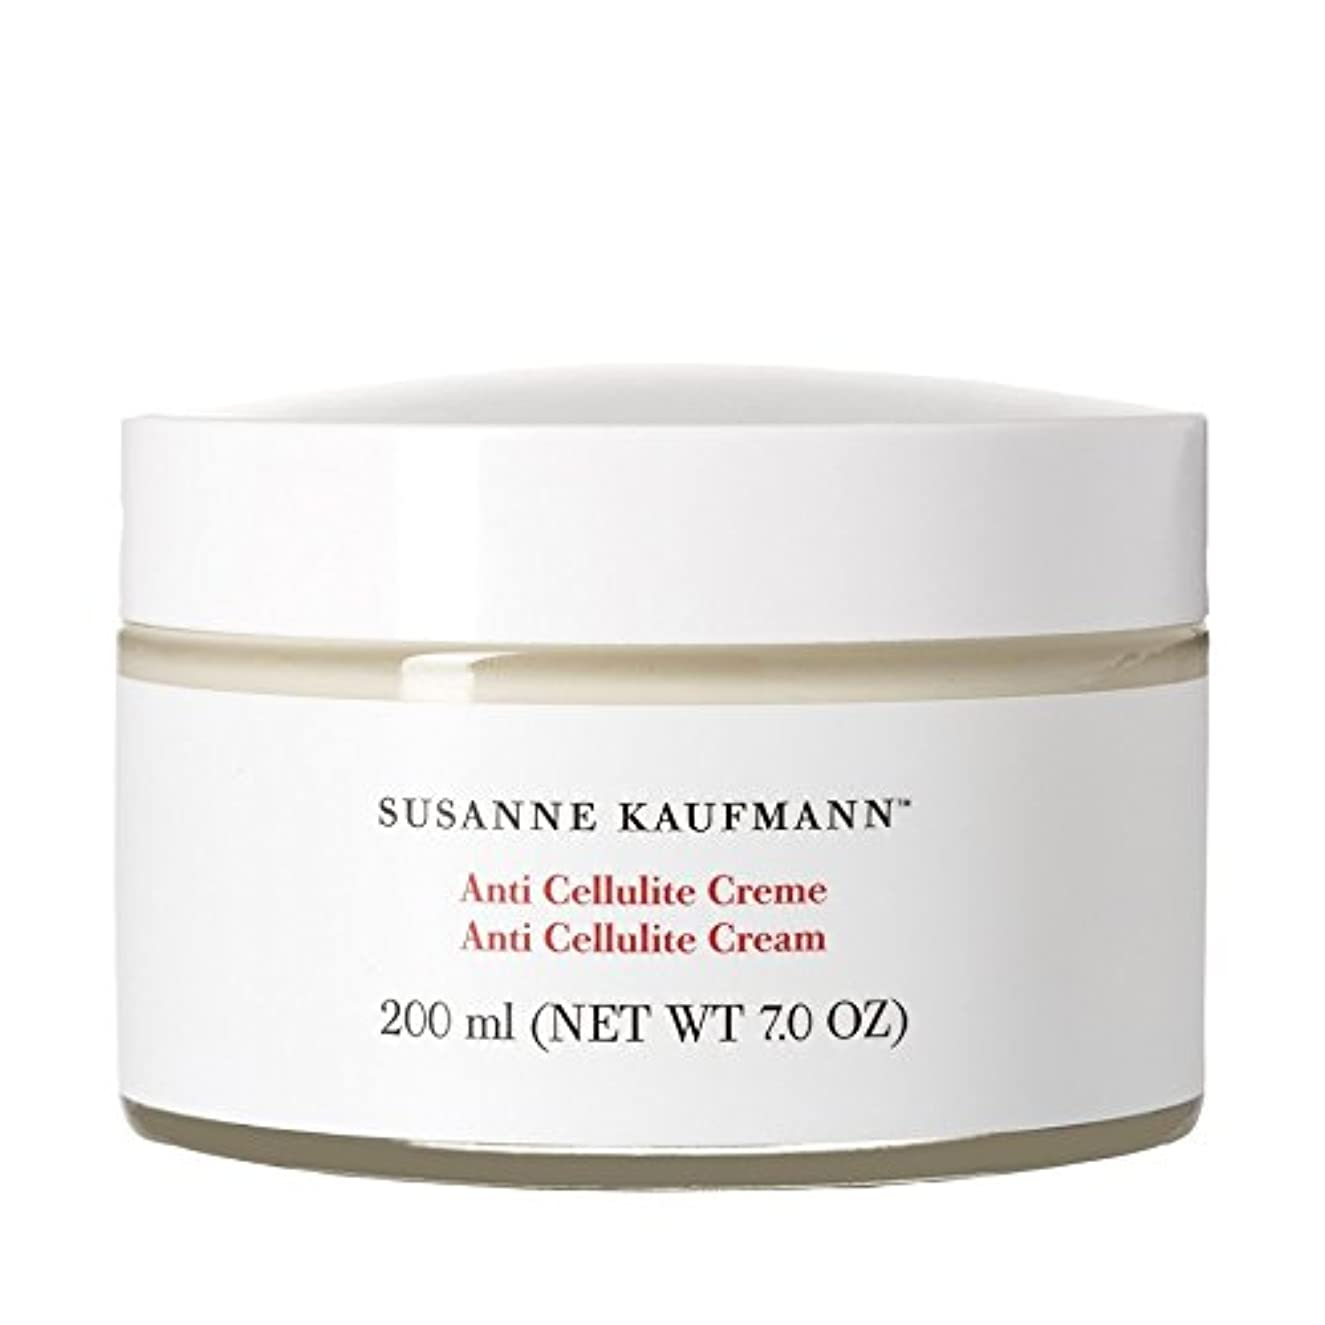 偏差松層スザンヌカウフマン抗セルライトクリーム200ミリリットル x4 - Susanne Kaufmann Anti Cellulite Cream 200ml (Pack of 4) [並行輸入品]